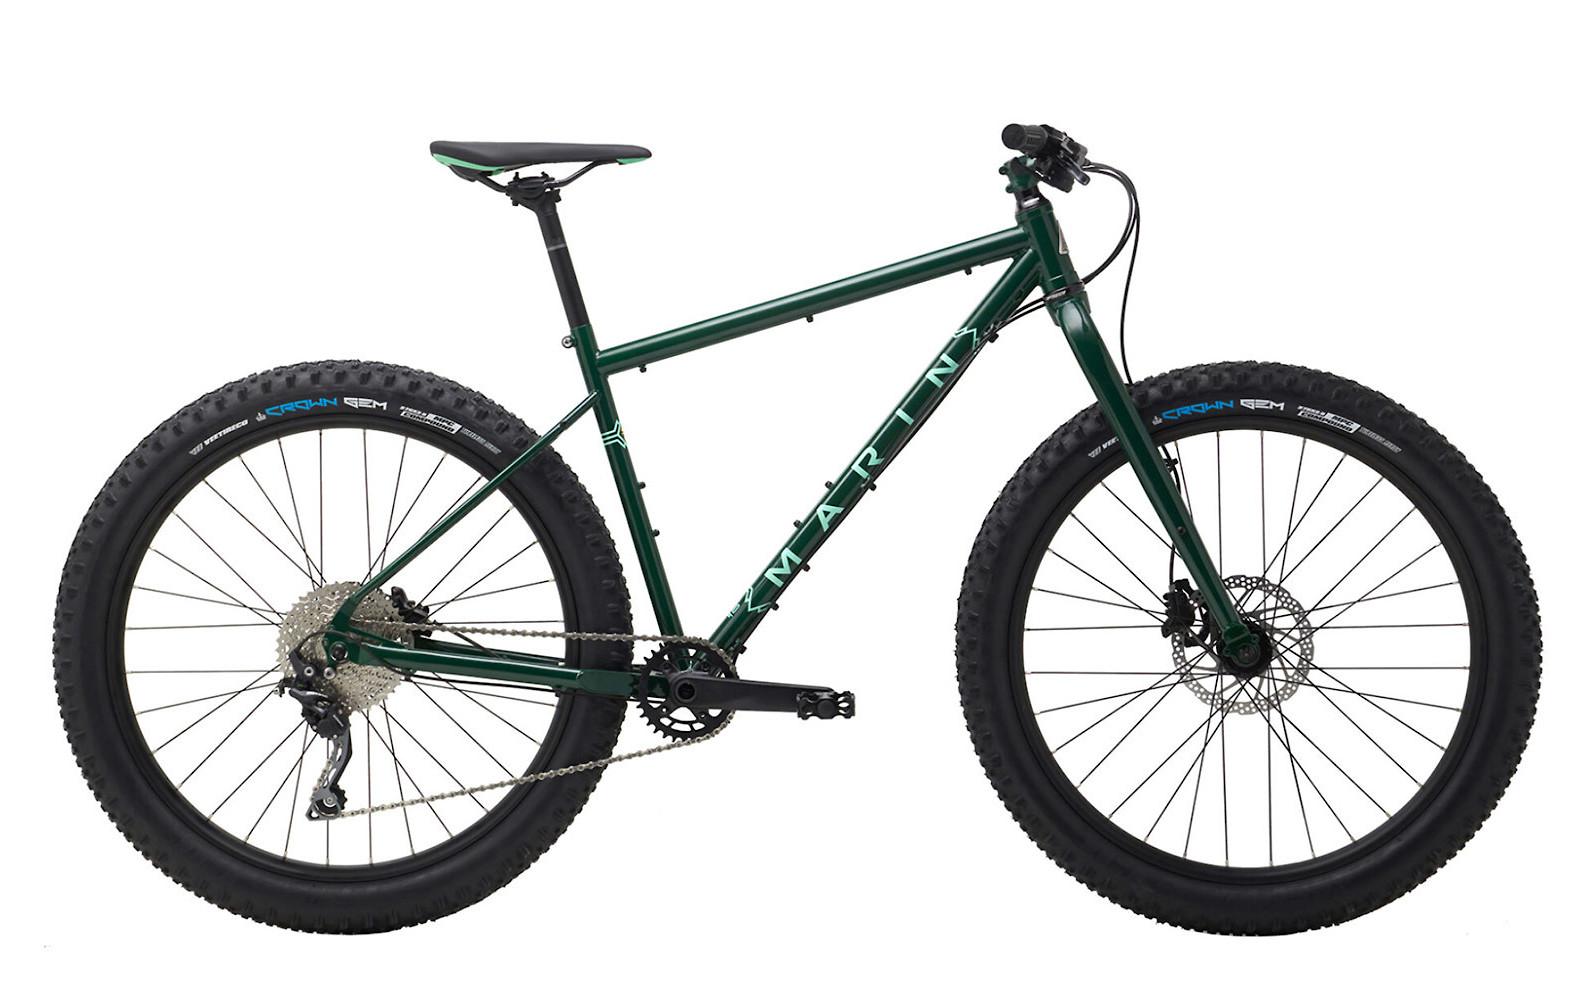 2019 Marin Pine Mountain Bike